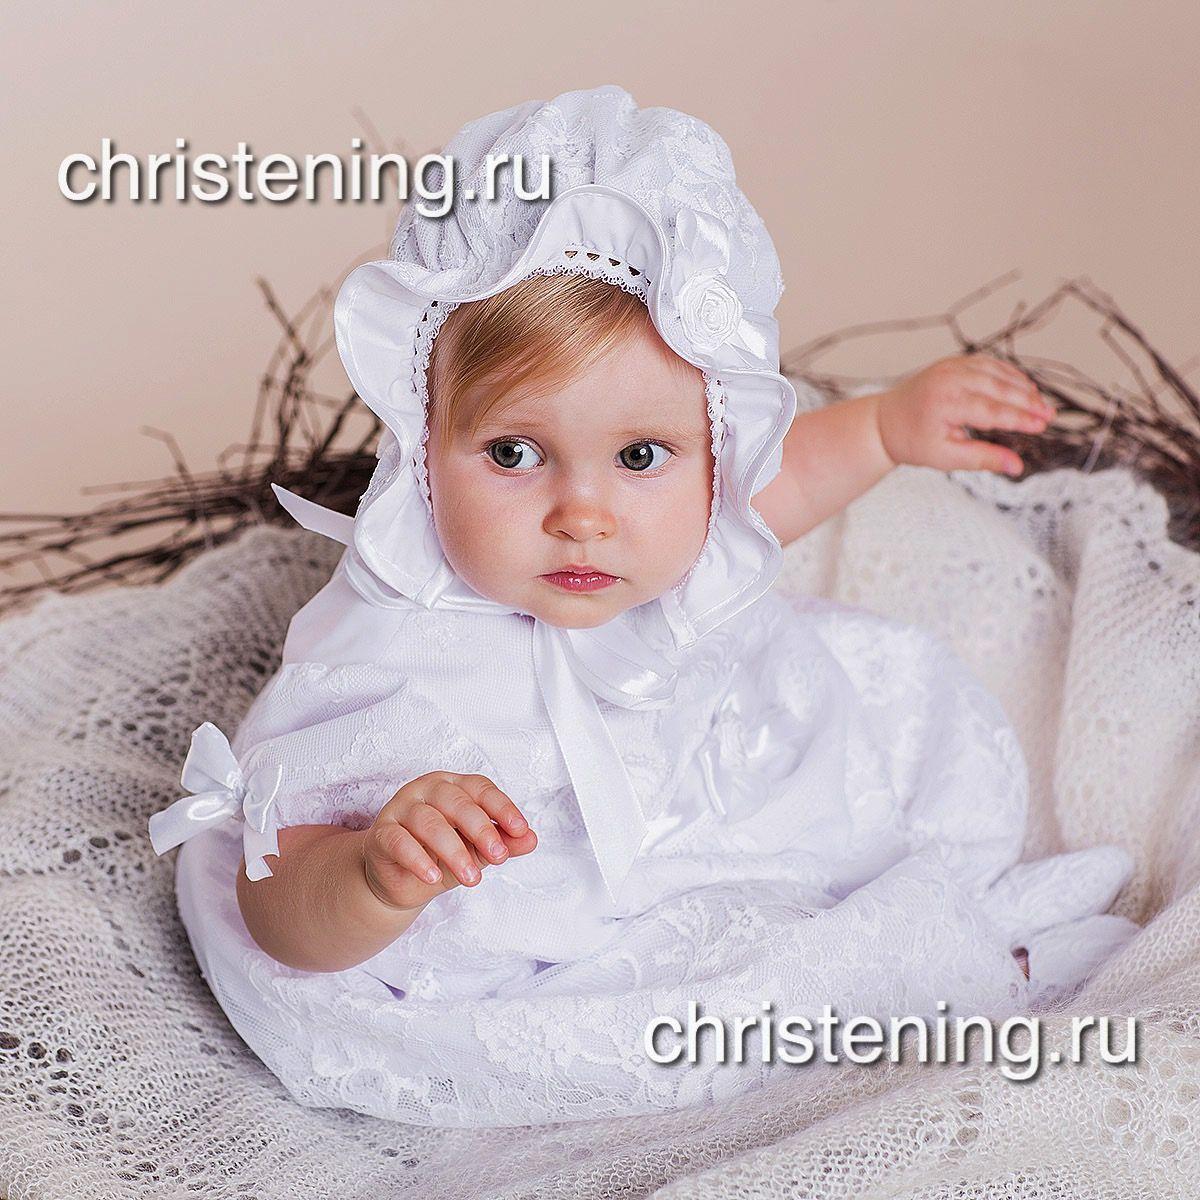 Красивая шапочка для девочки Москва